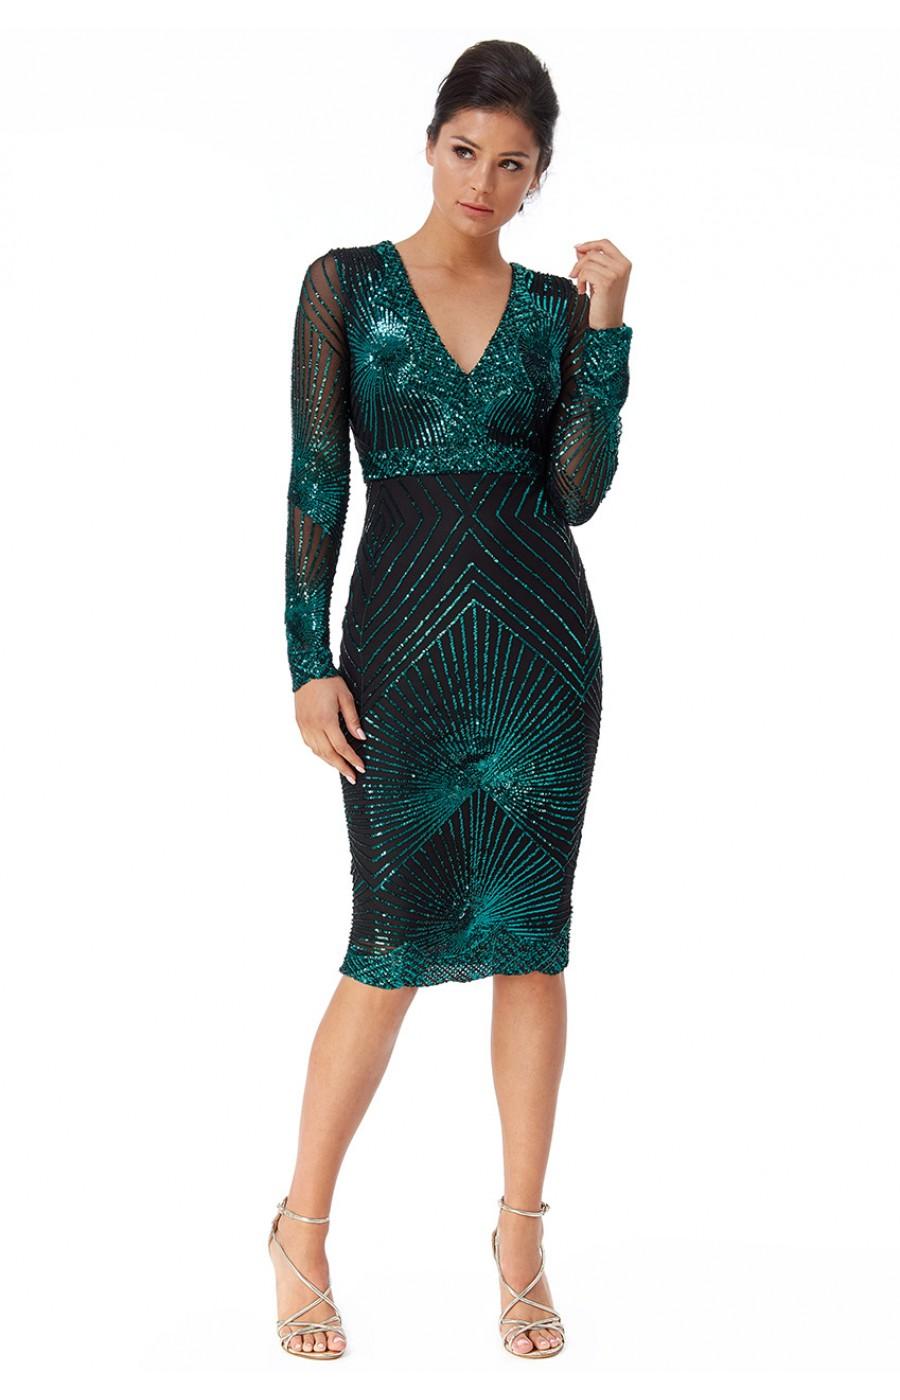 Σμαραγδί κεντημένο φορεμα